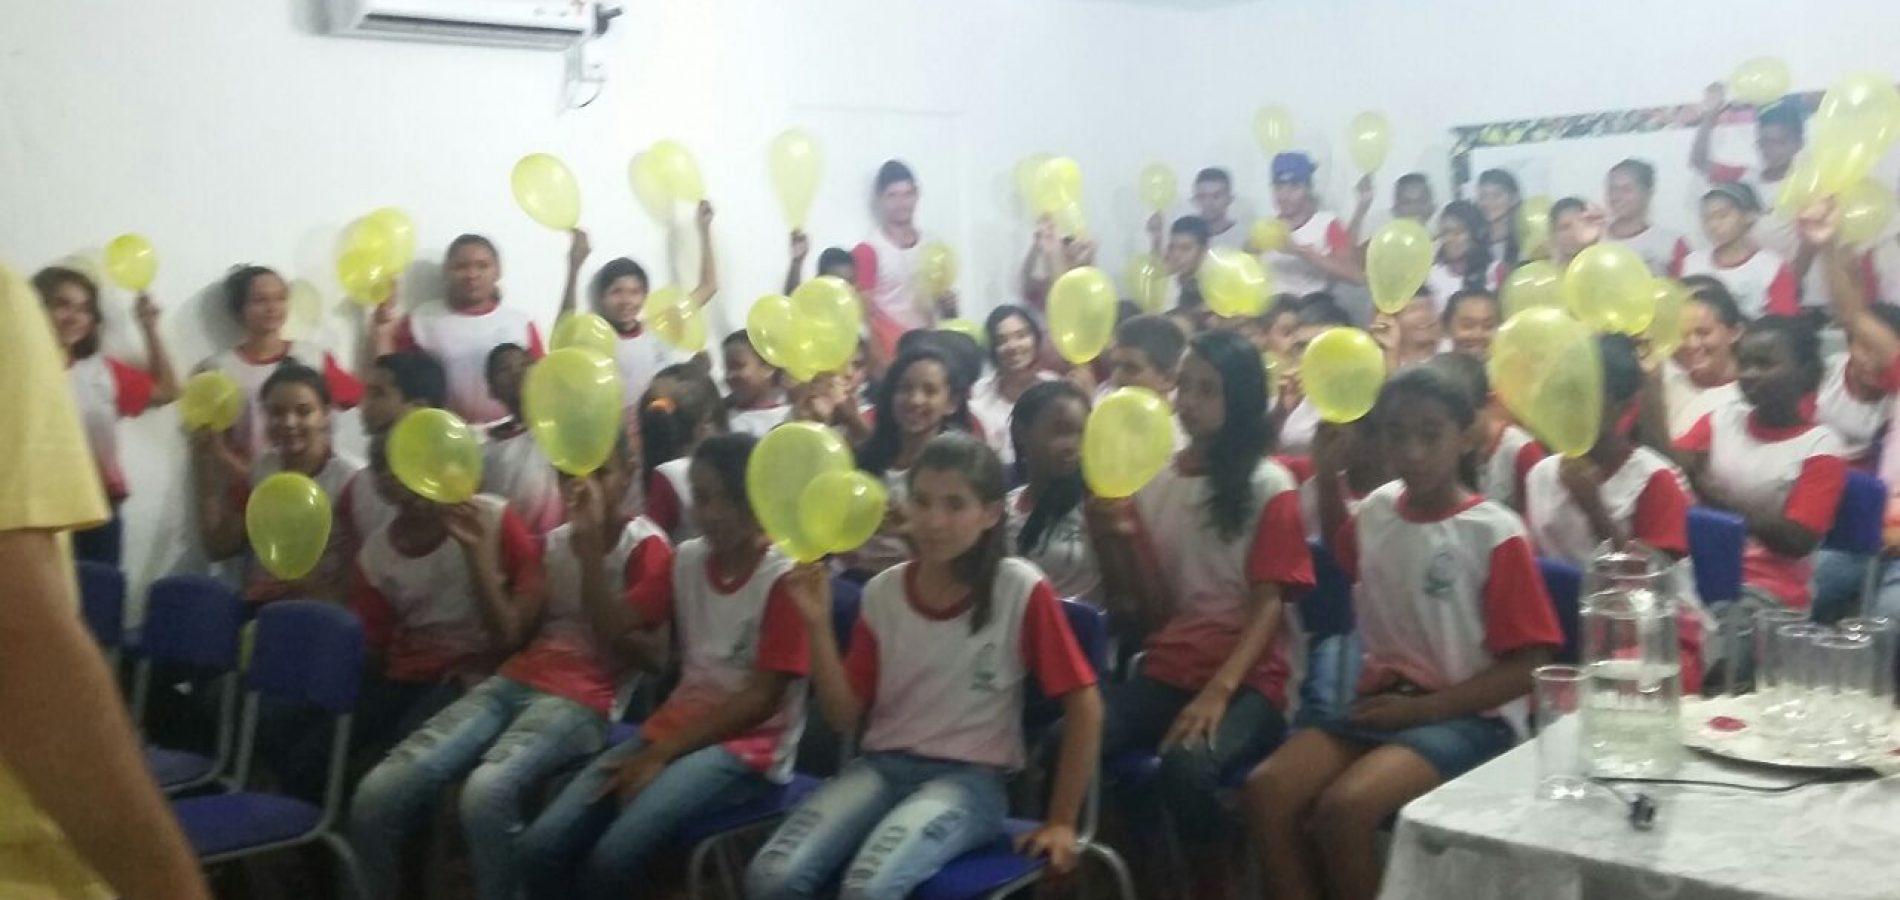 PADRE MARCOS | Campanha Setembro Amarelo realiza semana de atividades pela valorização da vida